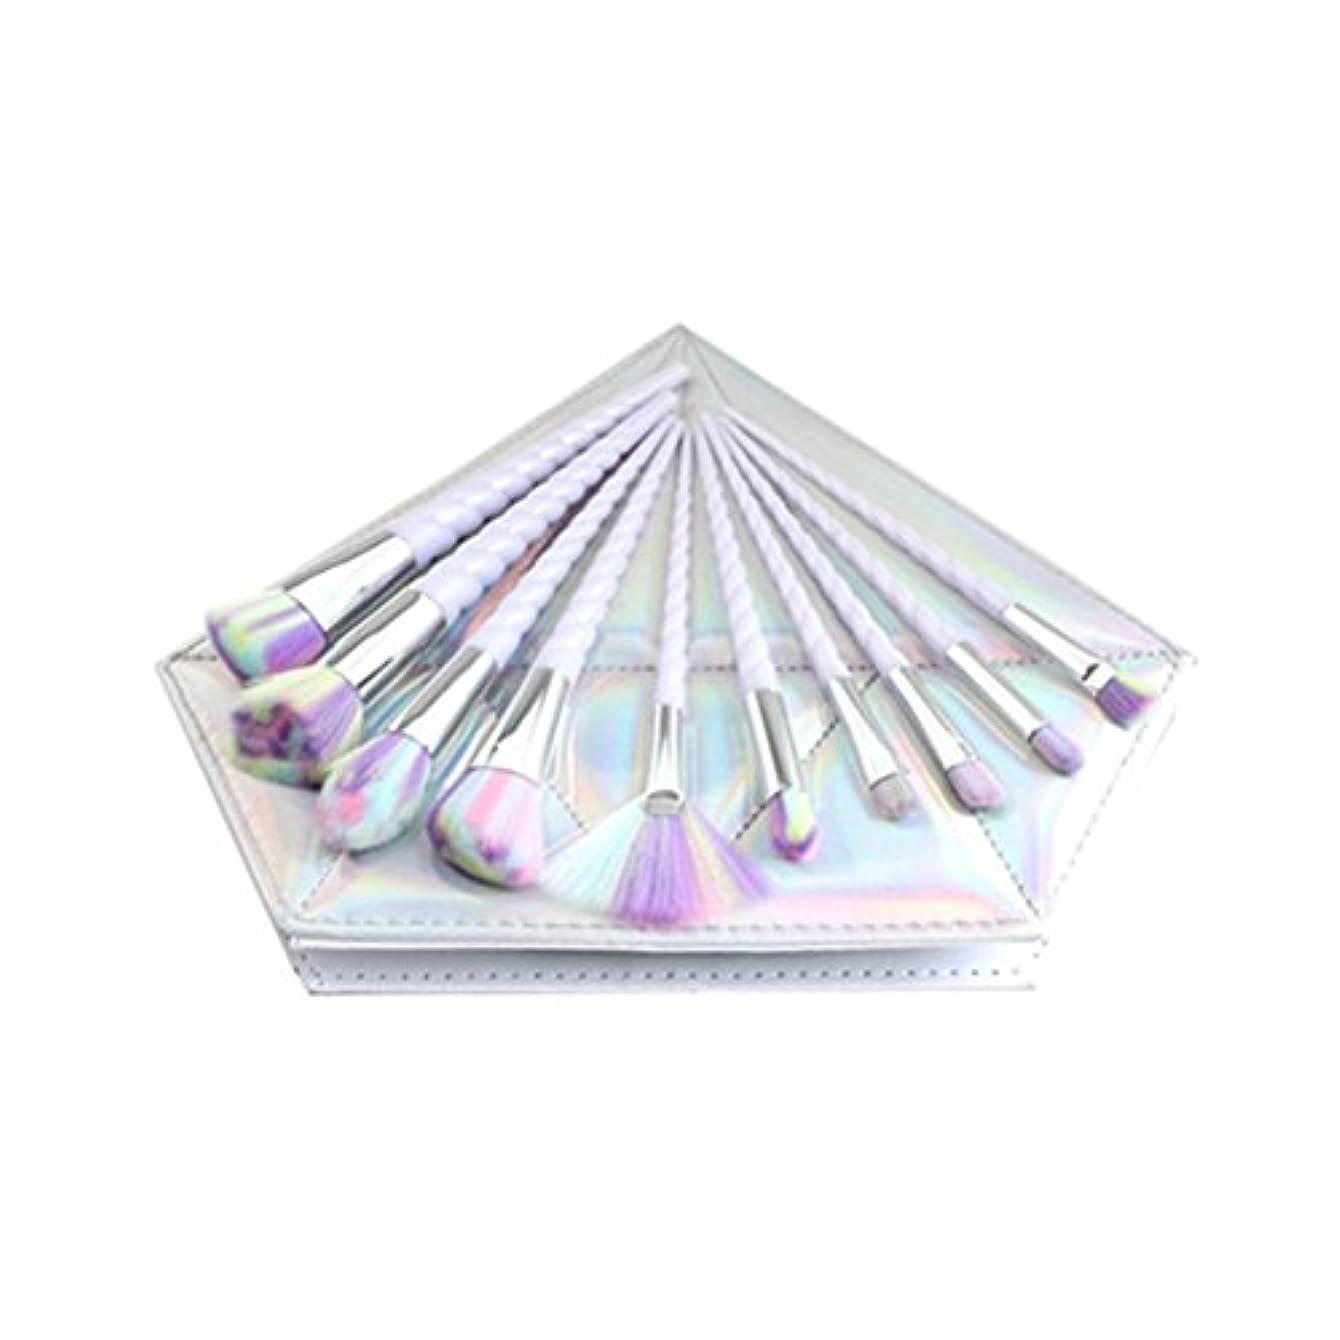 マーケティングスイング道Dilla Beauty 10本セットユニコーンデザインプラスチックハンドル形状メイクブラシセット合成毛ファンデーションブラシアイシャドーブラッシャー美容ツール美しい化粧品のバッグを送る (白いハンドル - 多色の毛)